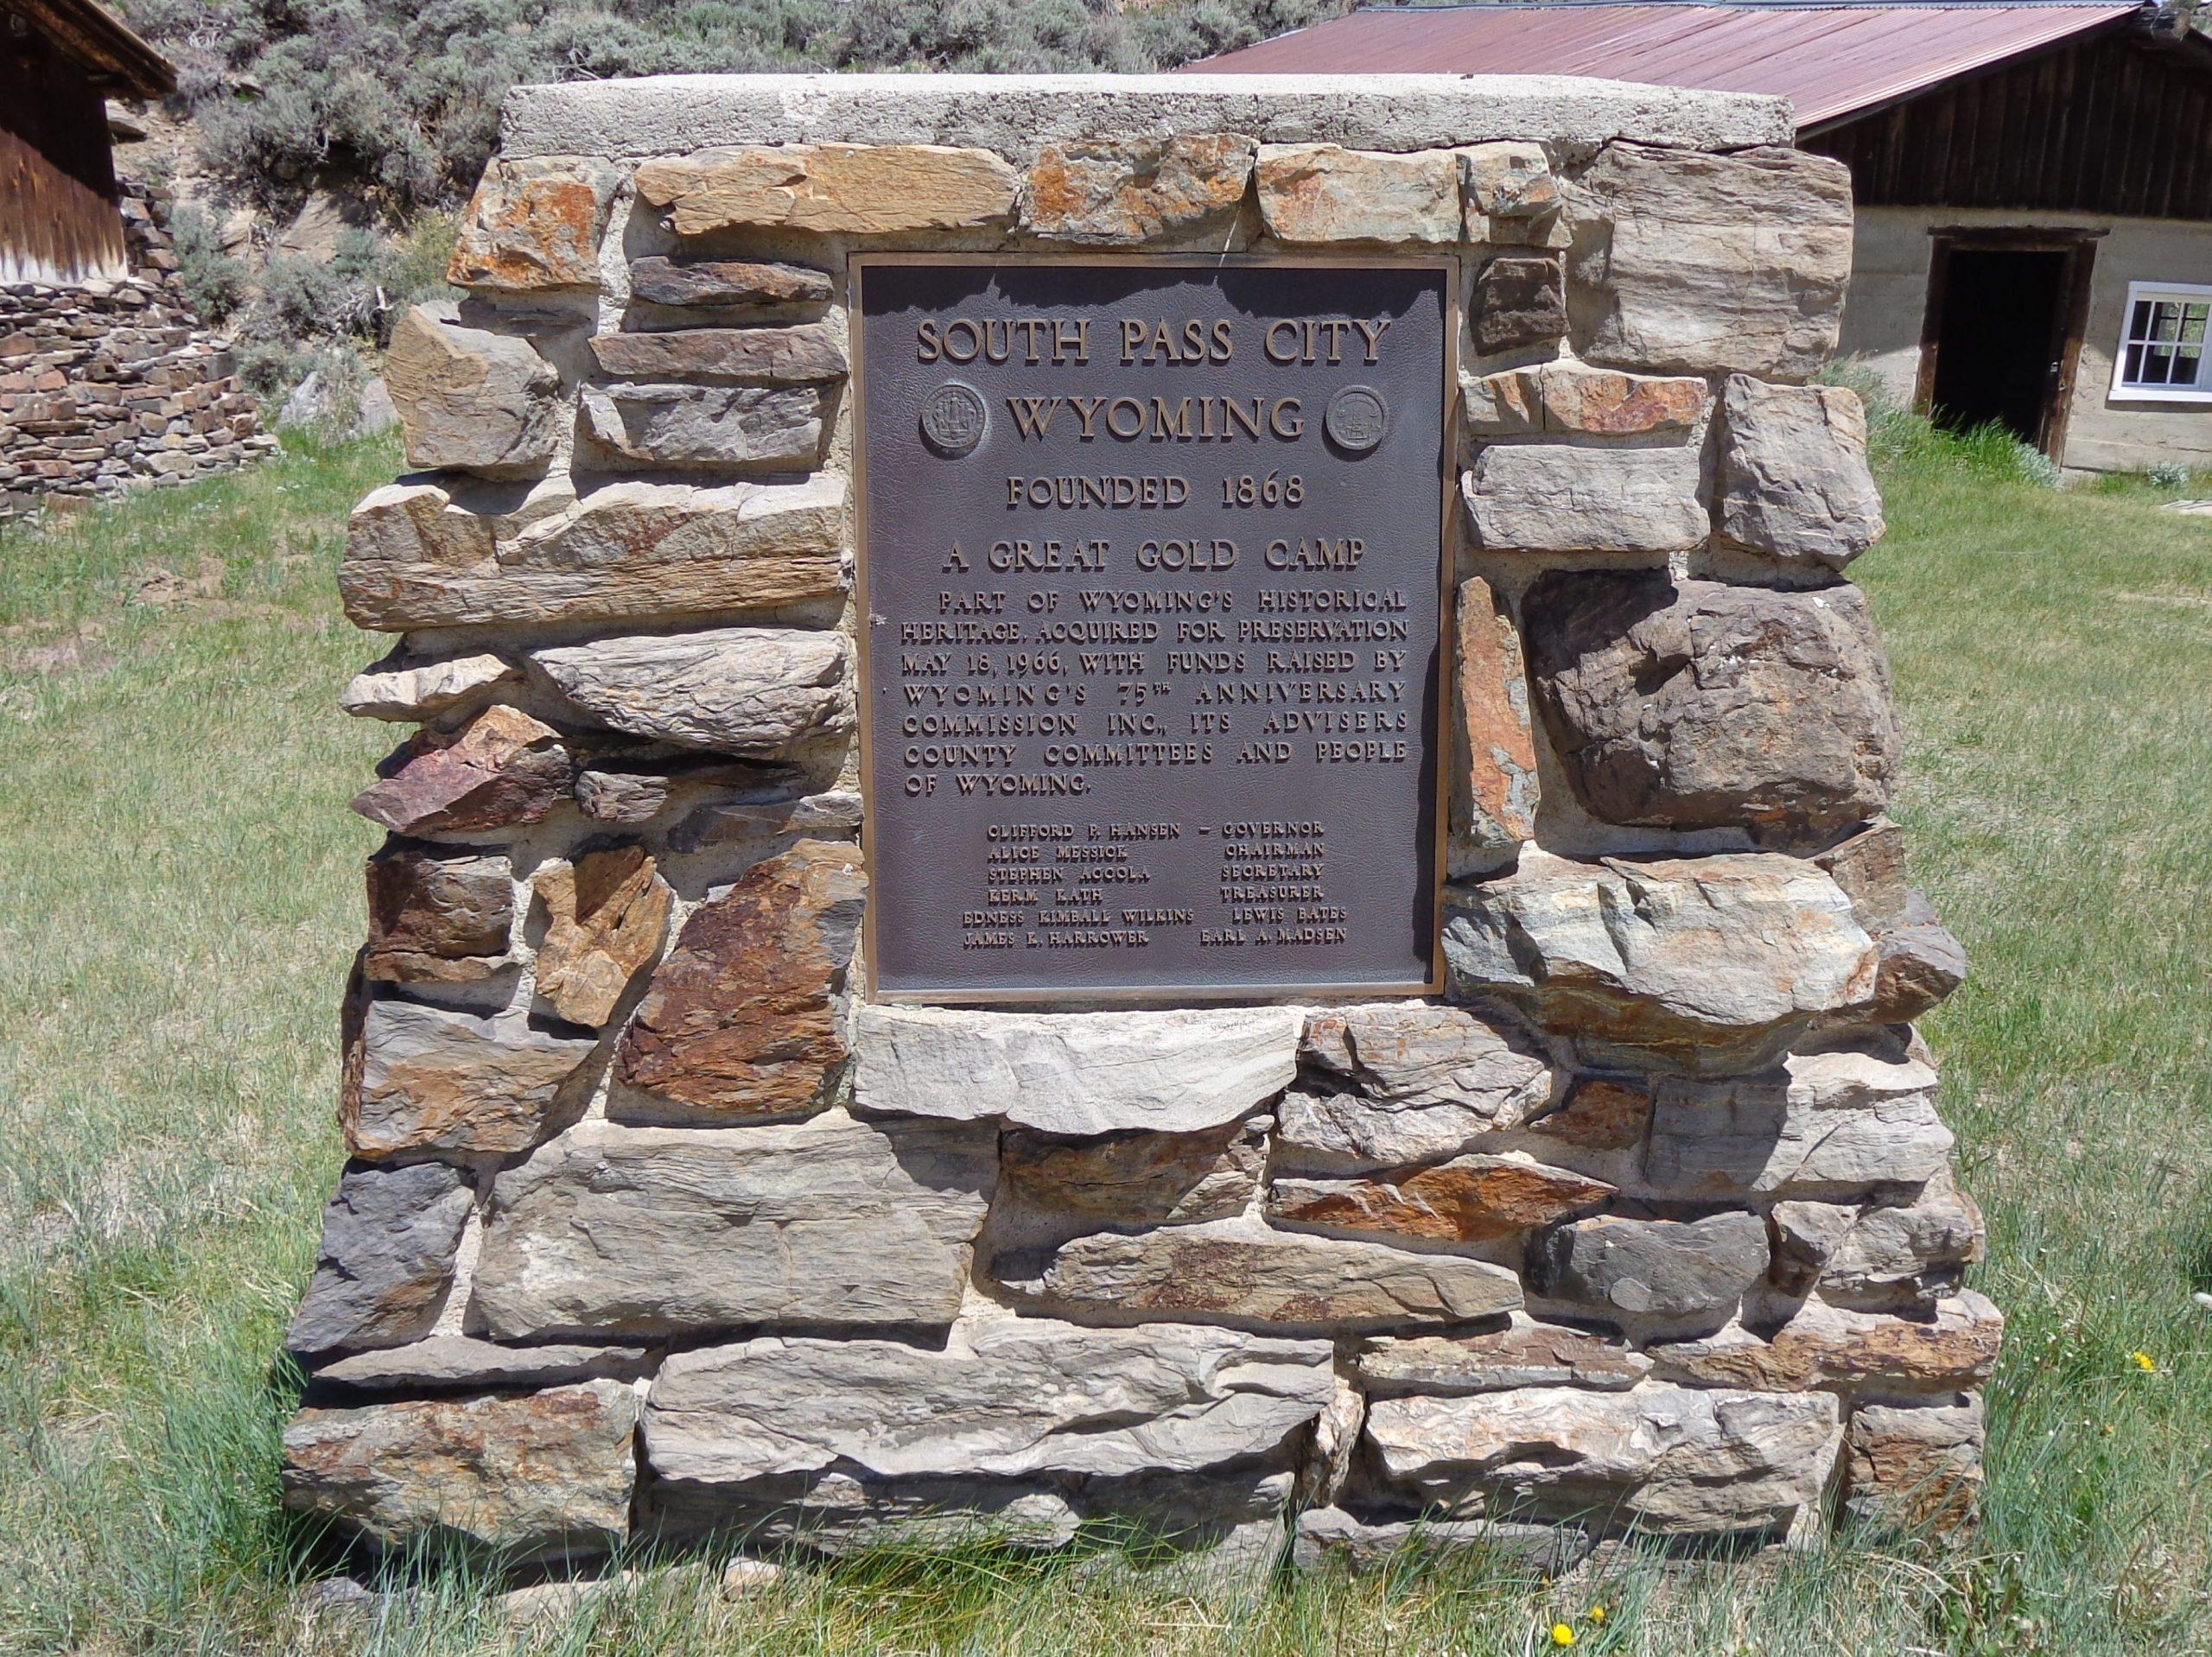 South Pass City 1869